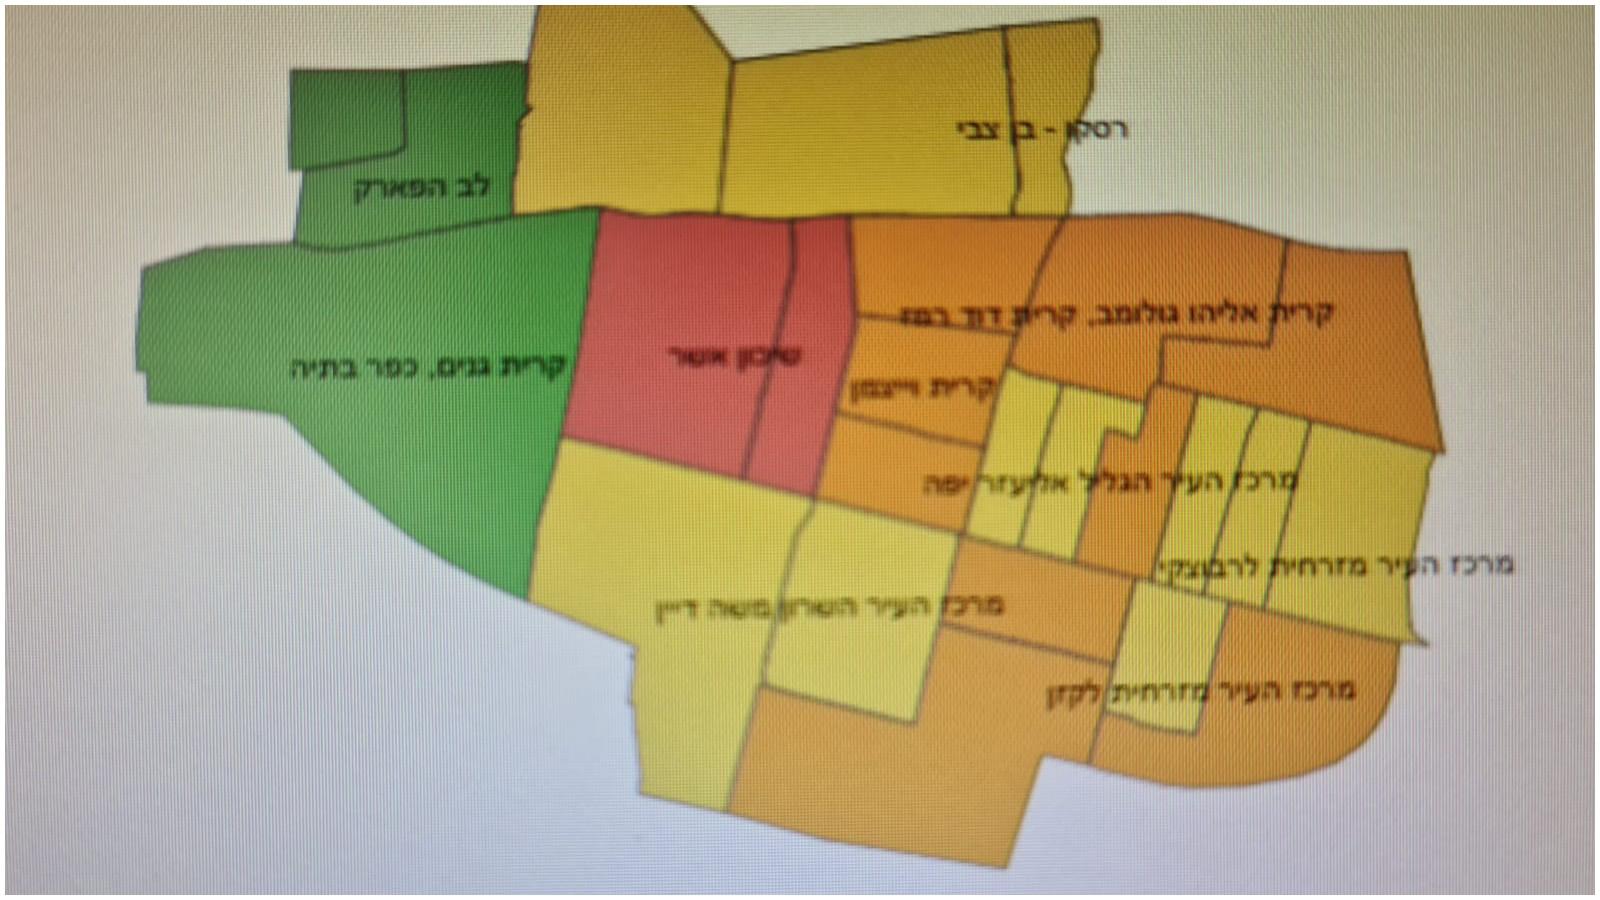 מפת תחלואה ברעננה. צילום משרד הבריאות.